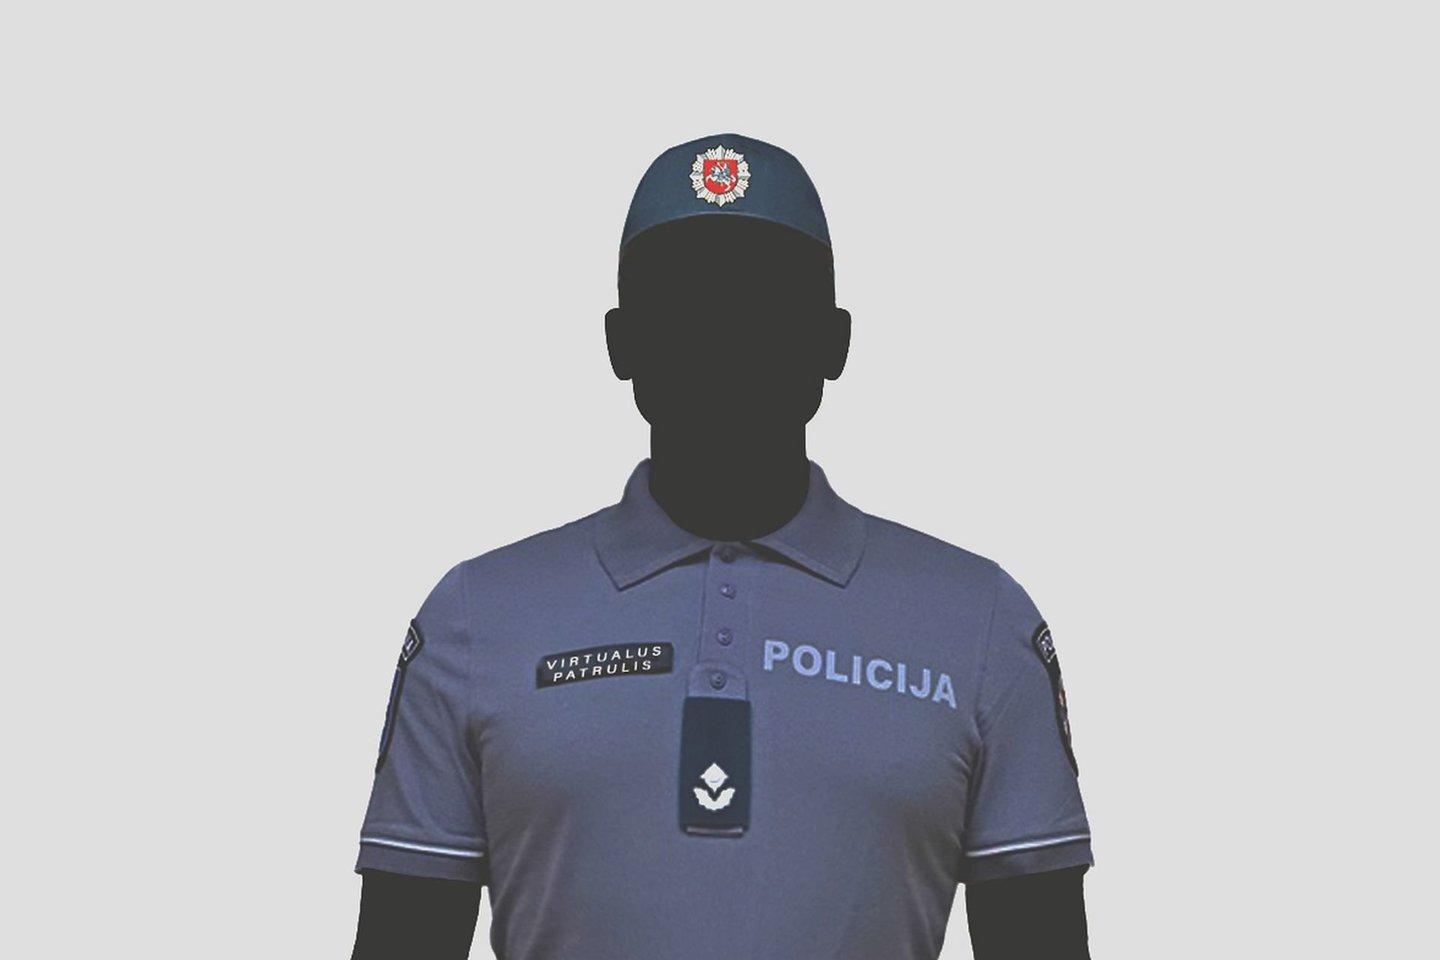 Kaip jau buvo skelbta, balandžio 6 d. patruliuoti elektroninėje erdvėje pradės virtualus patrulis.<br>Lietuvos policijos iliustr.